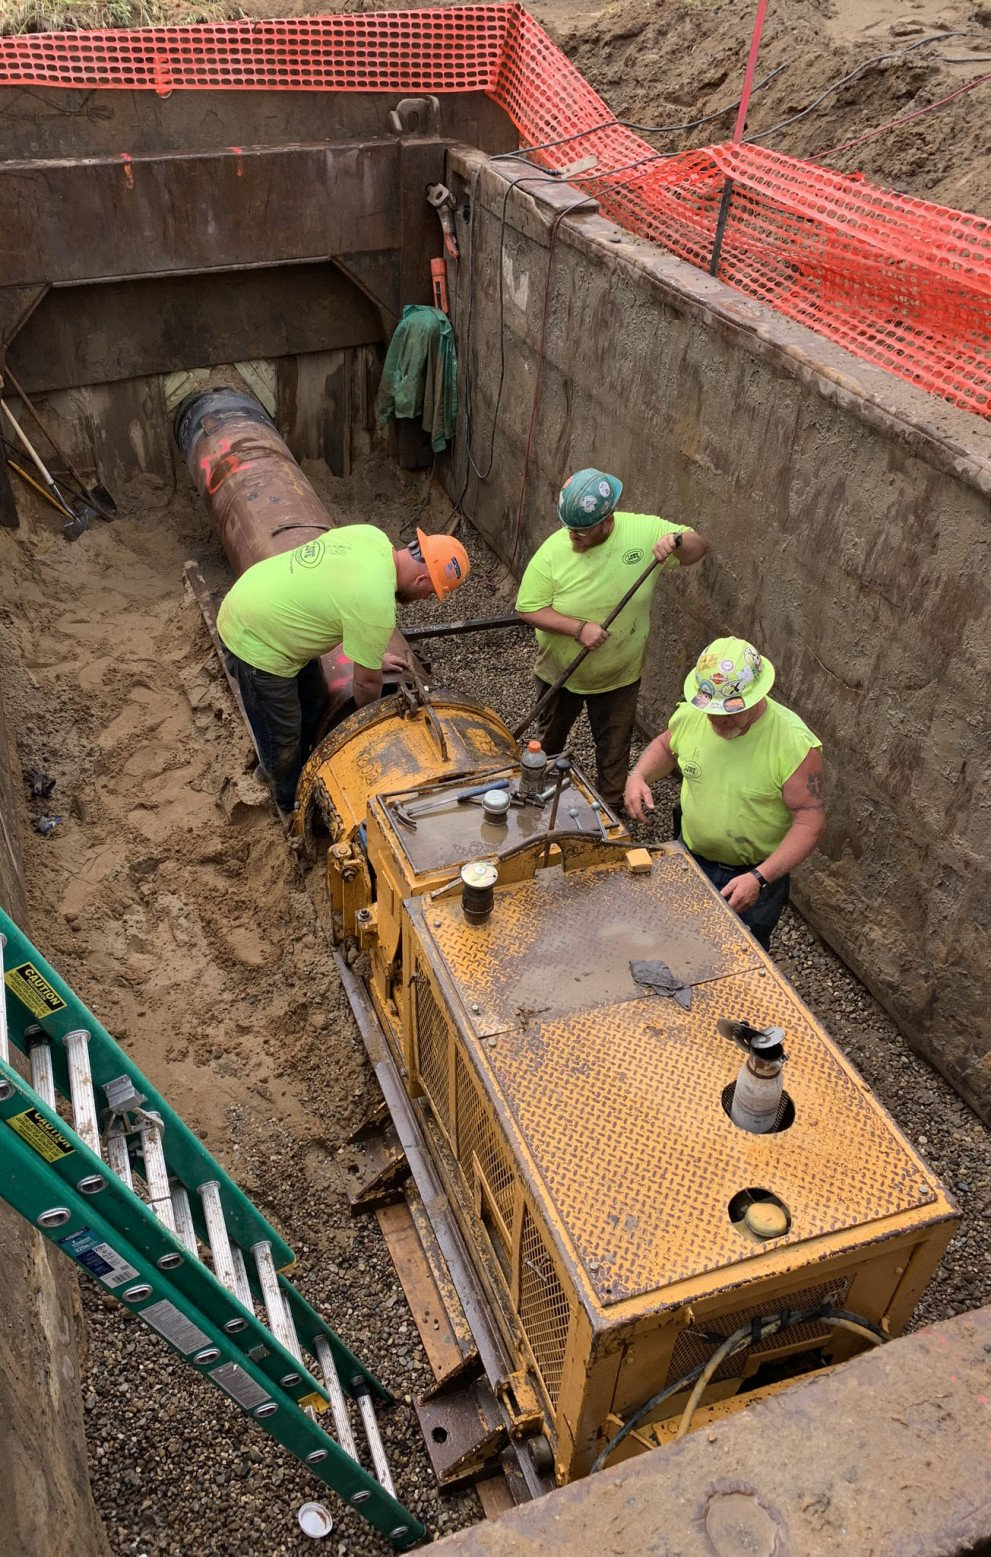 Dunham Lift Station Workers Assembling Equipment